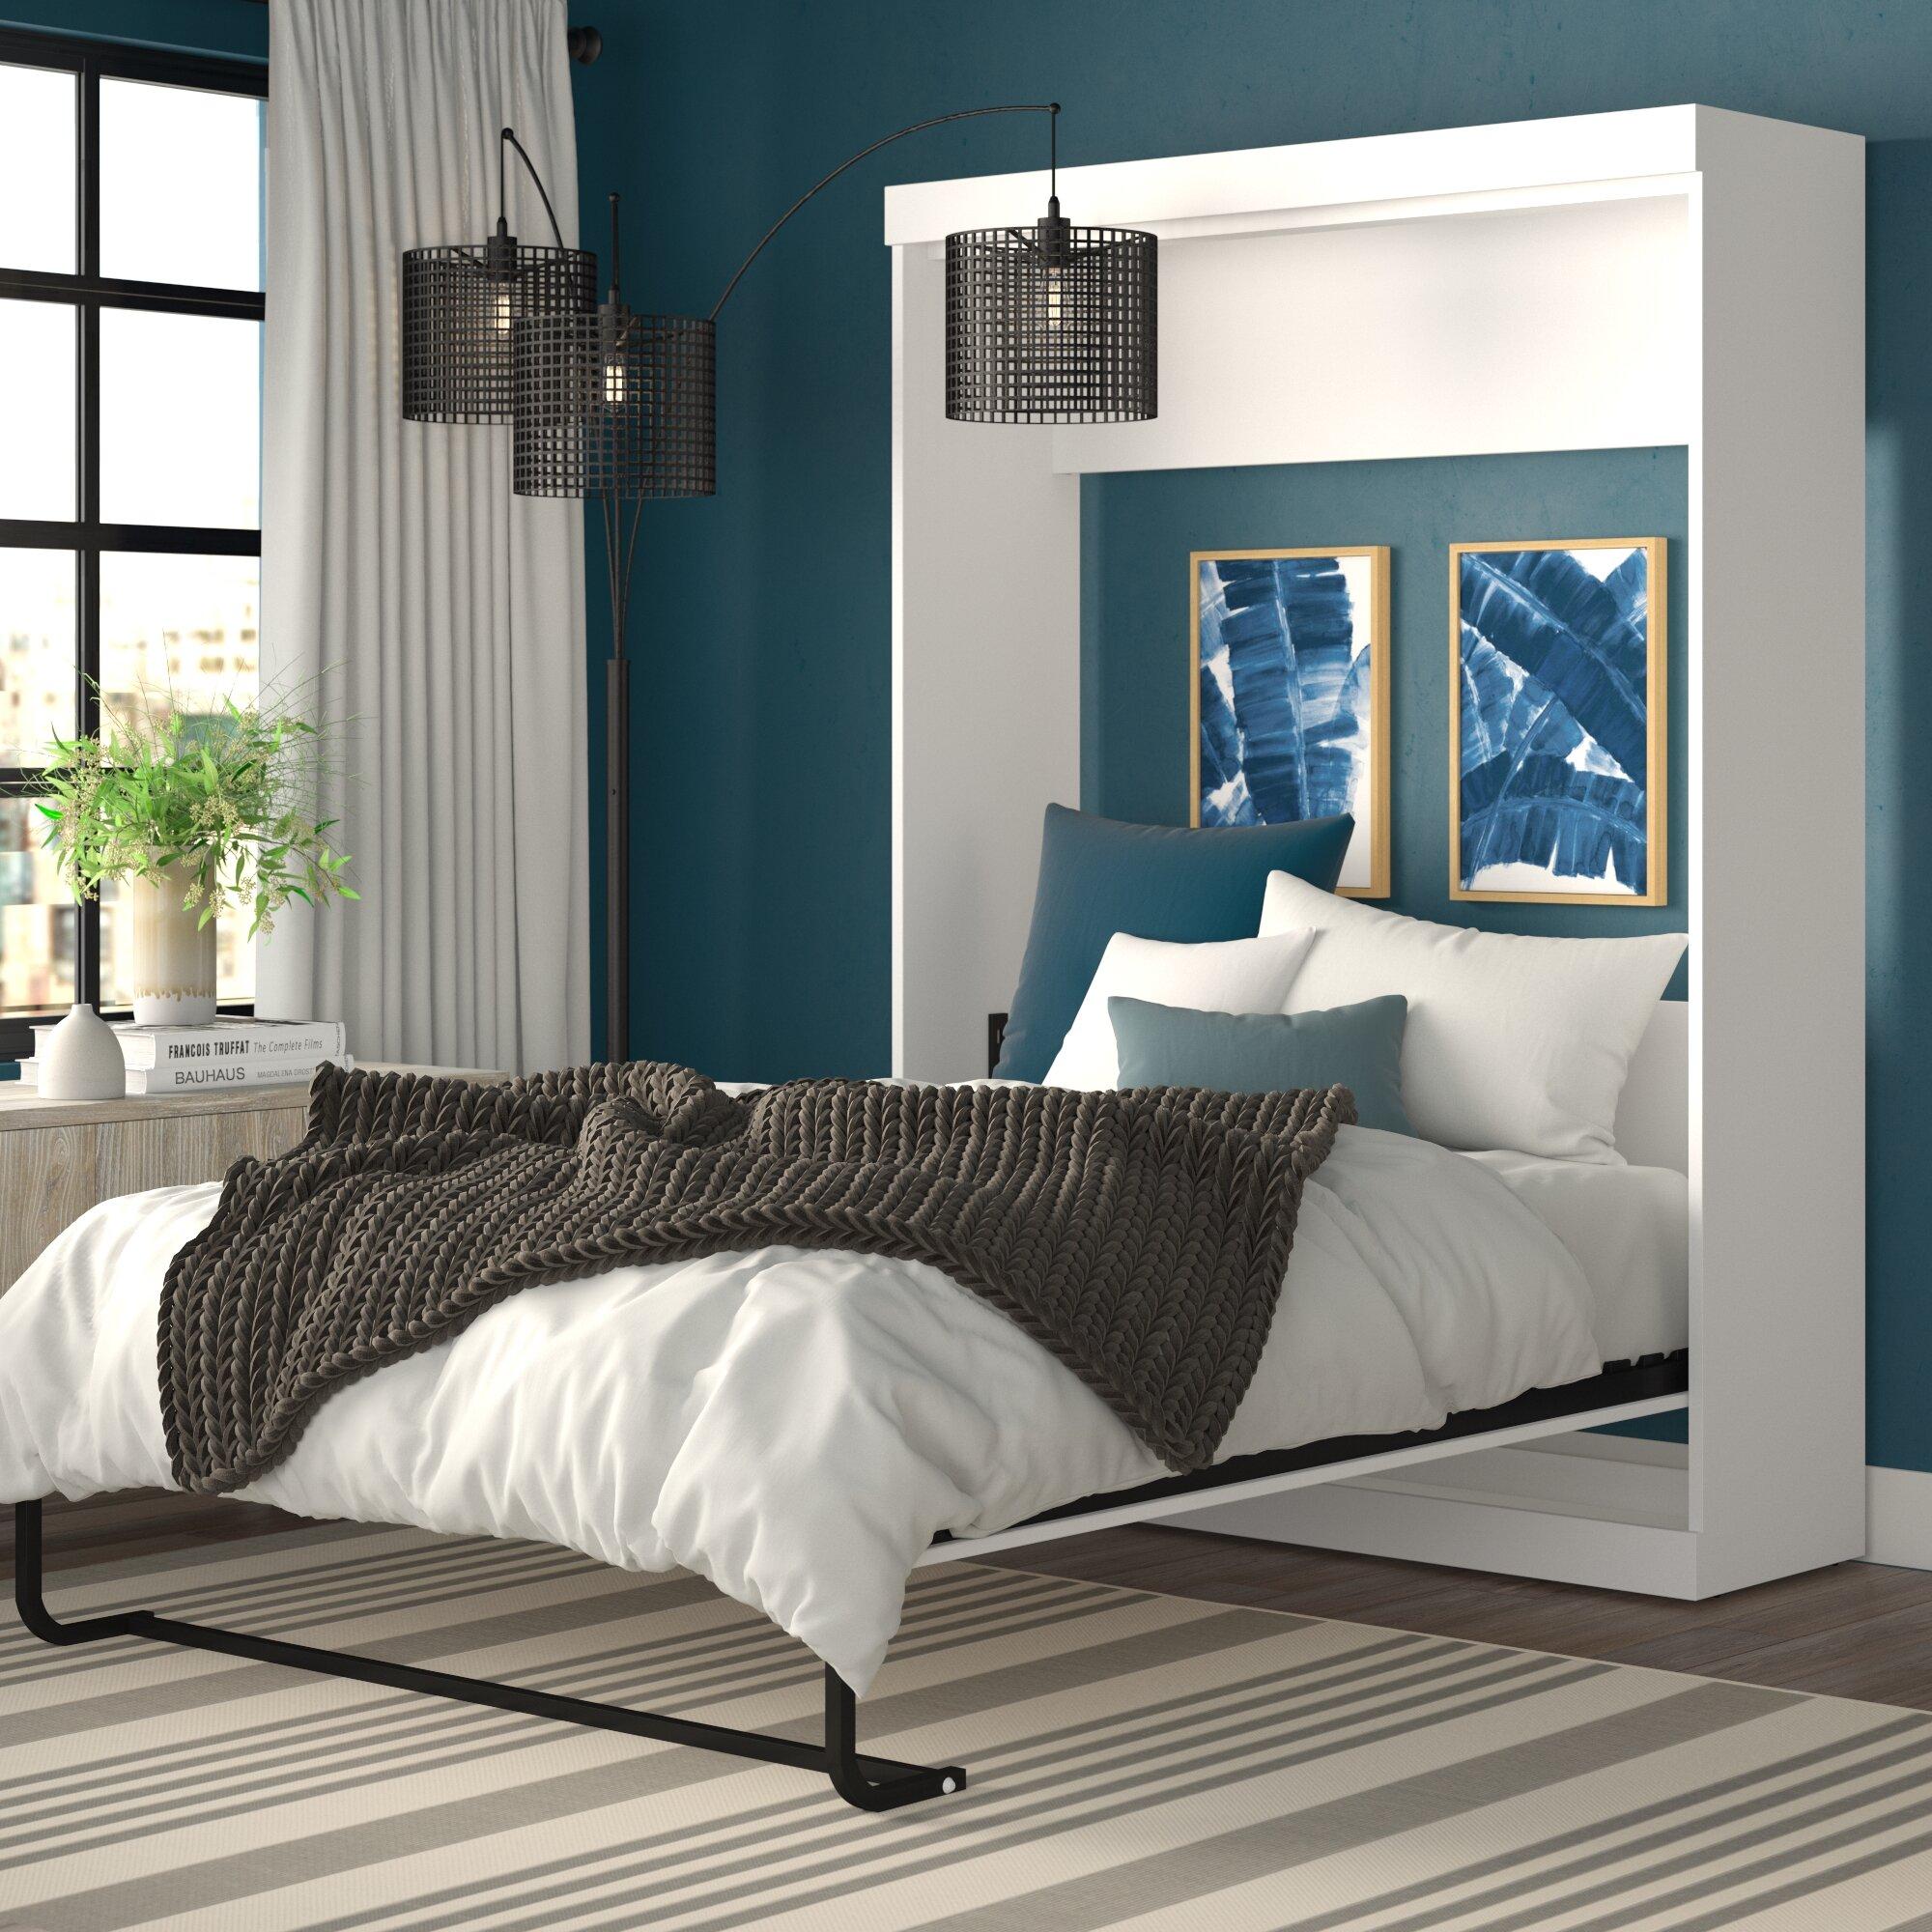 Zipcode Design Colquitt Murphy Bed Reviews